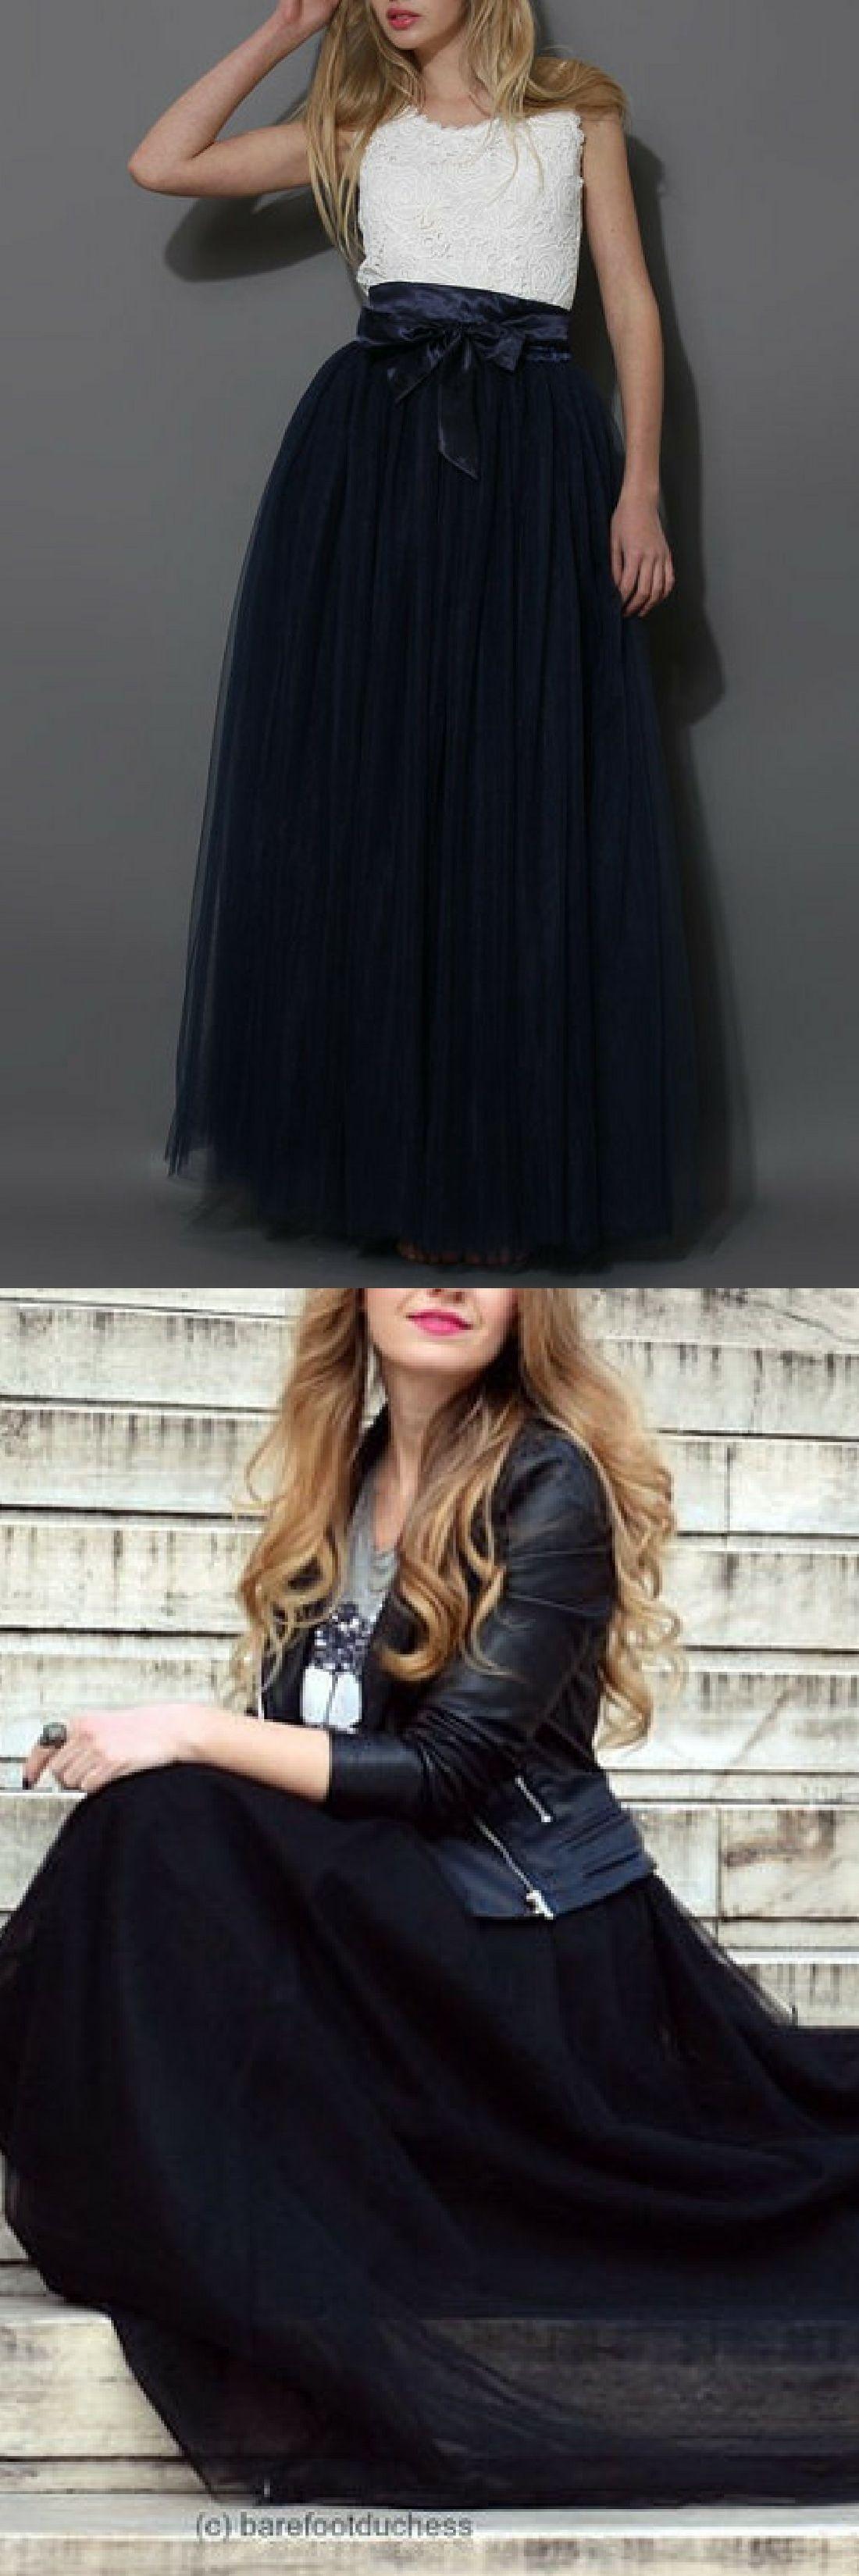 Black tulle skirt adult tutu skirt flower girl tutu long black mesh